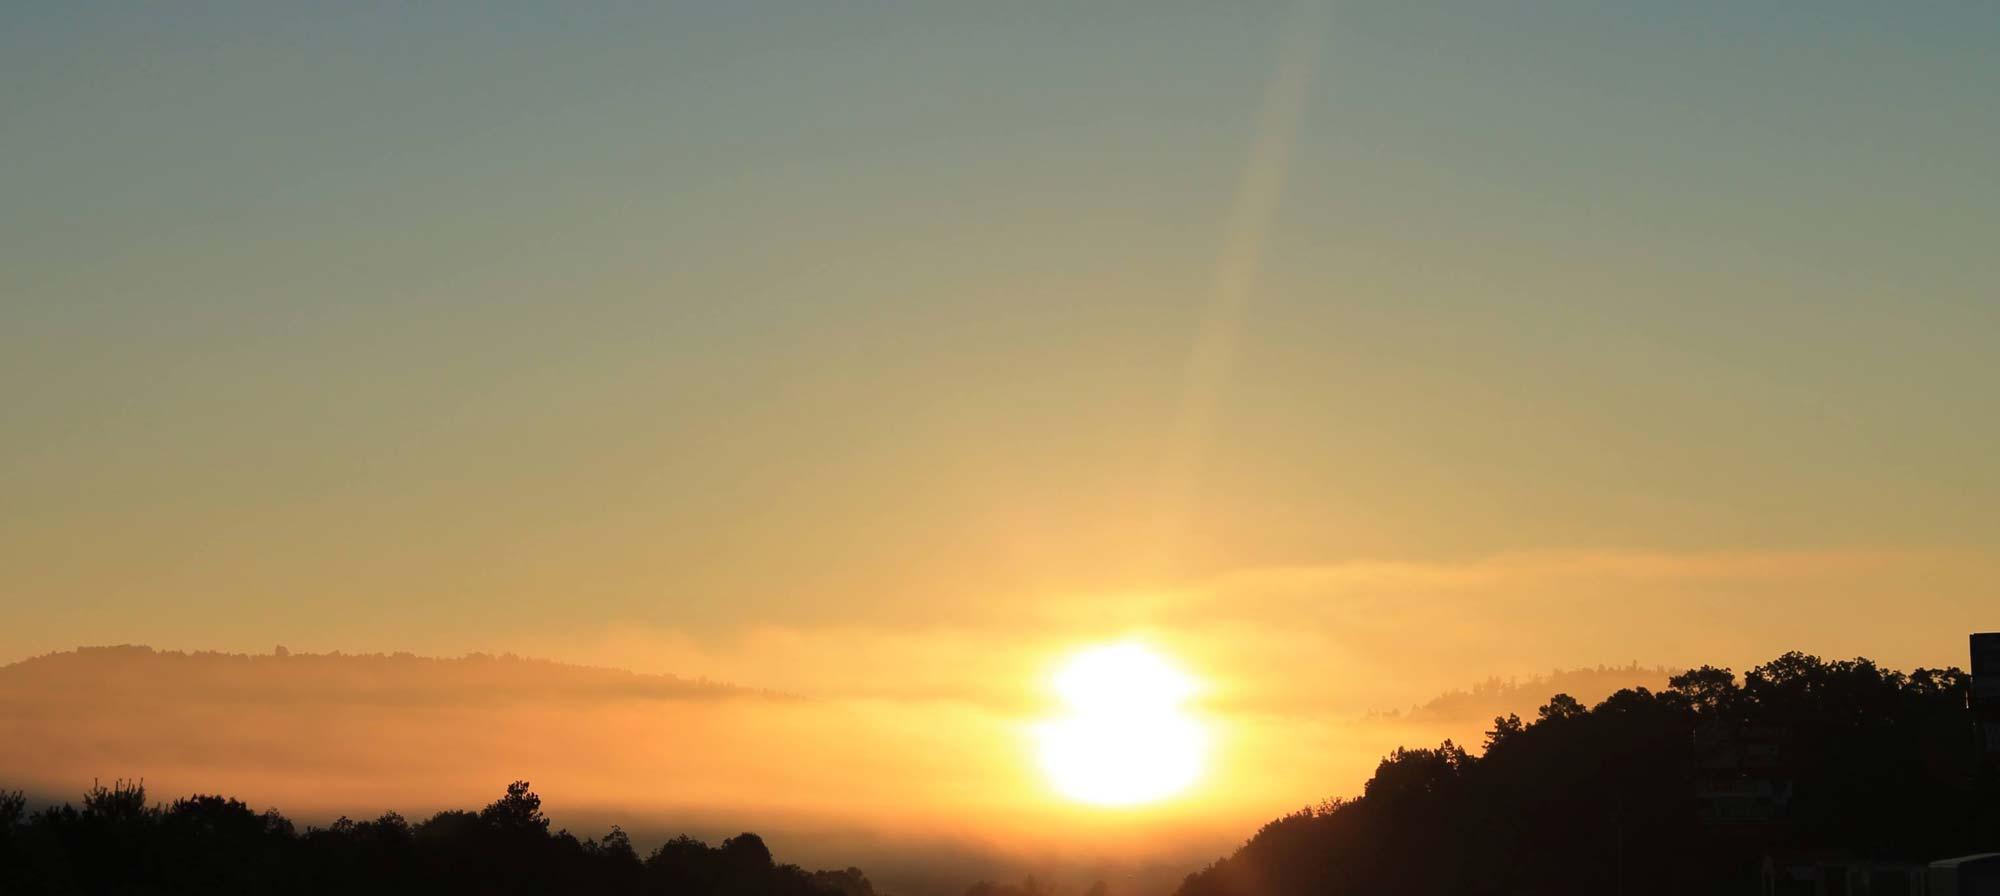 Sunset in Jasper, Georgia